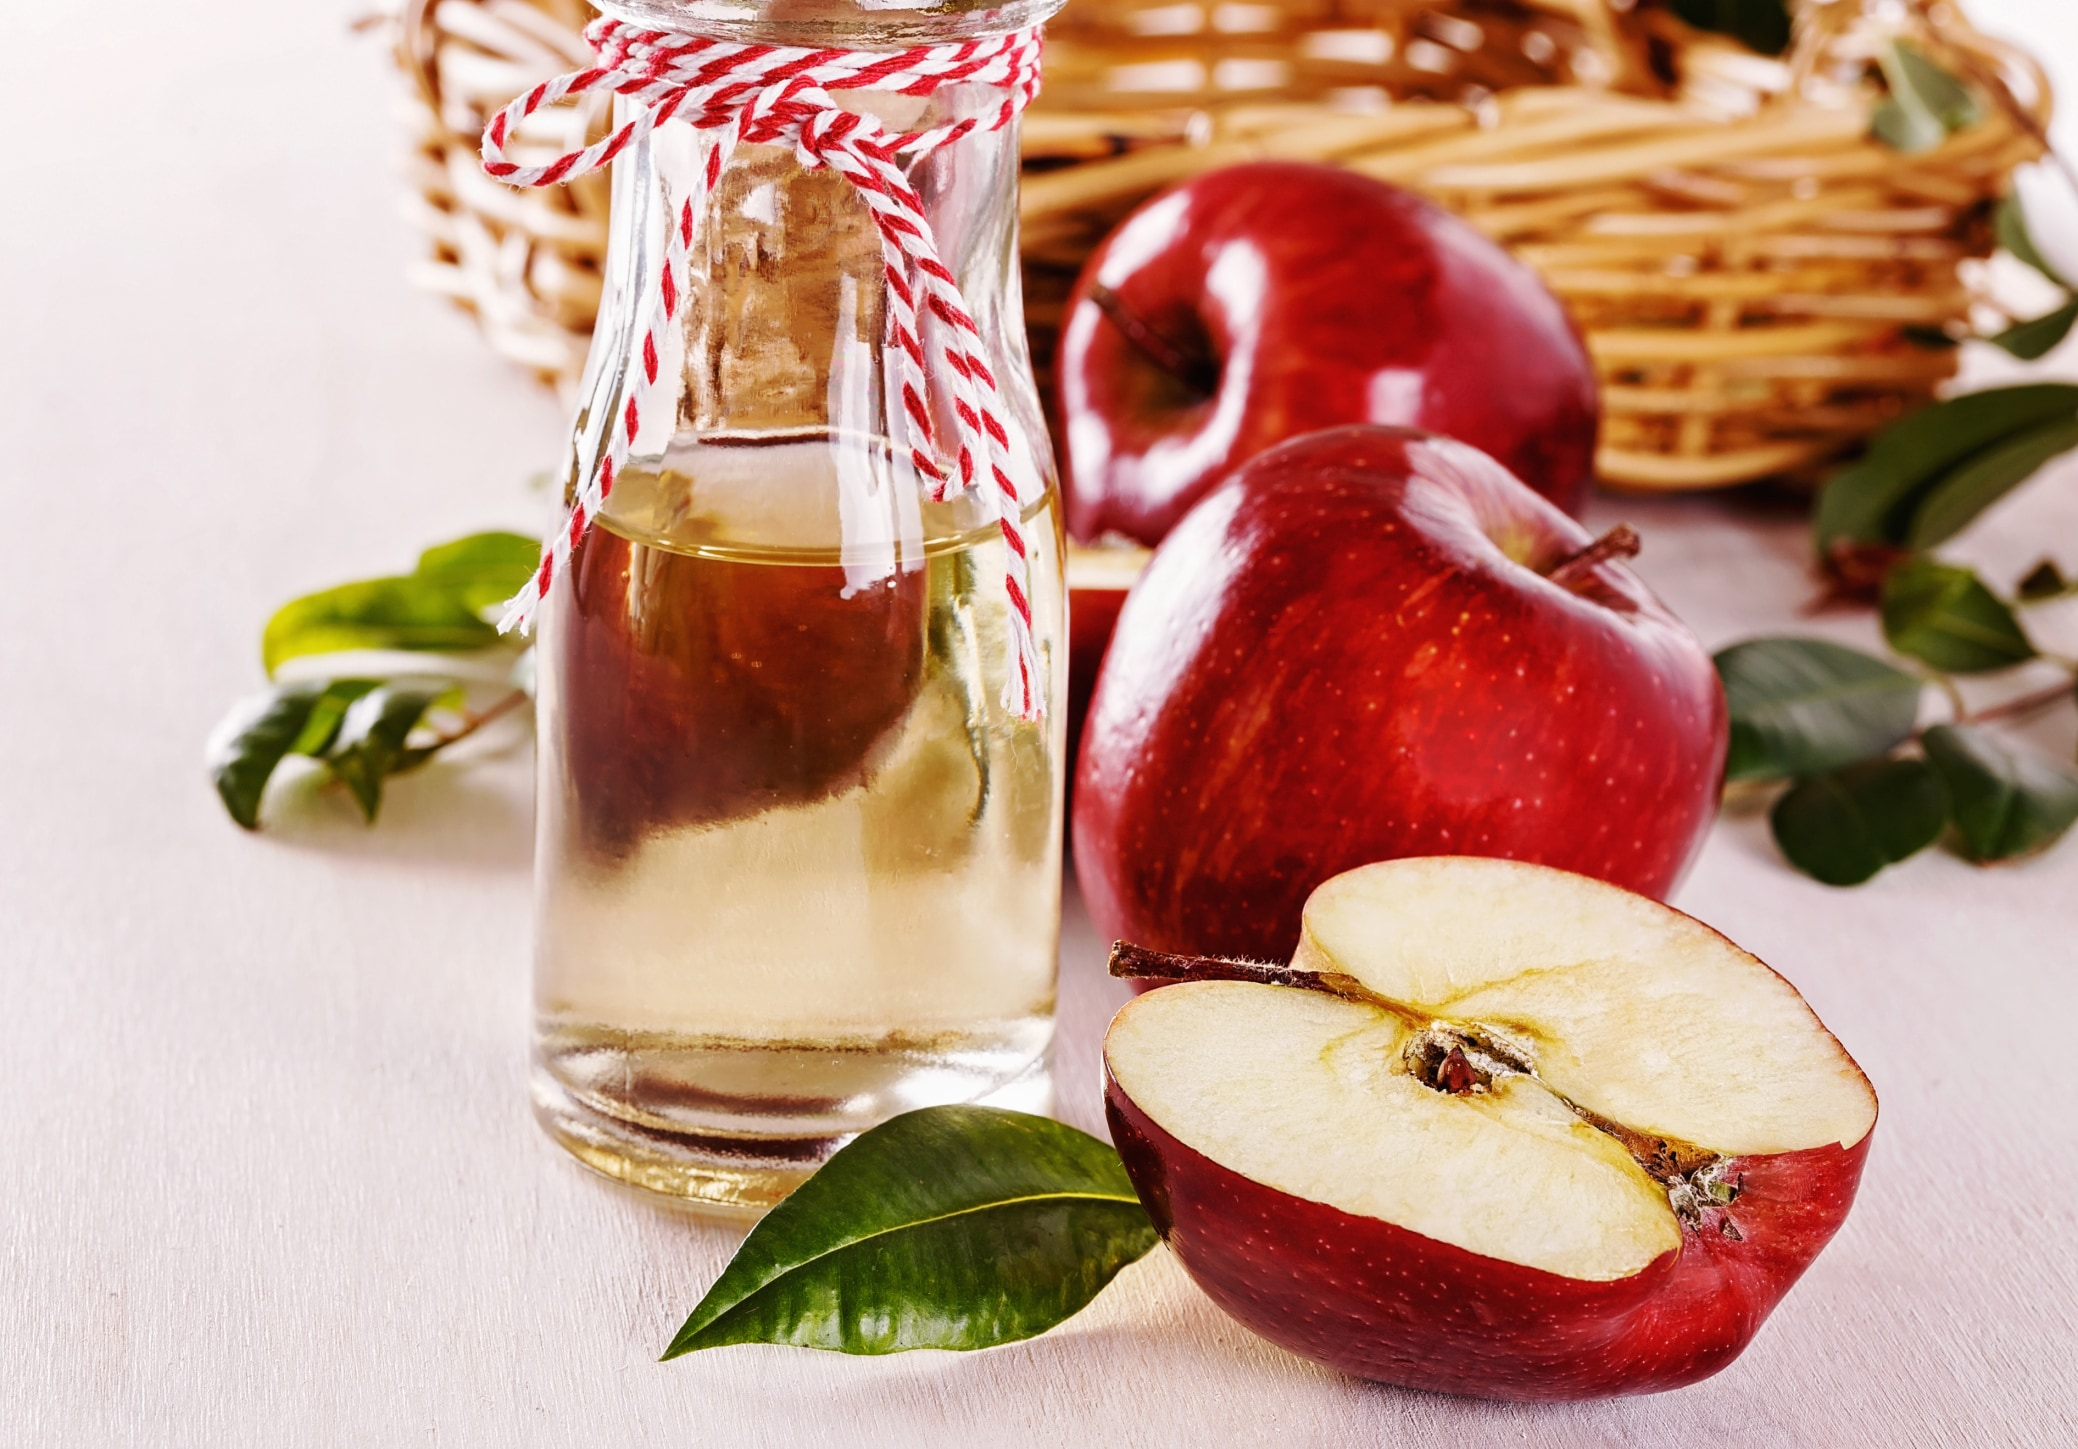 10 Best Elixir images in   Egészség, Természetes egészség, Egészség tanácsok